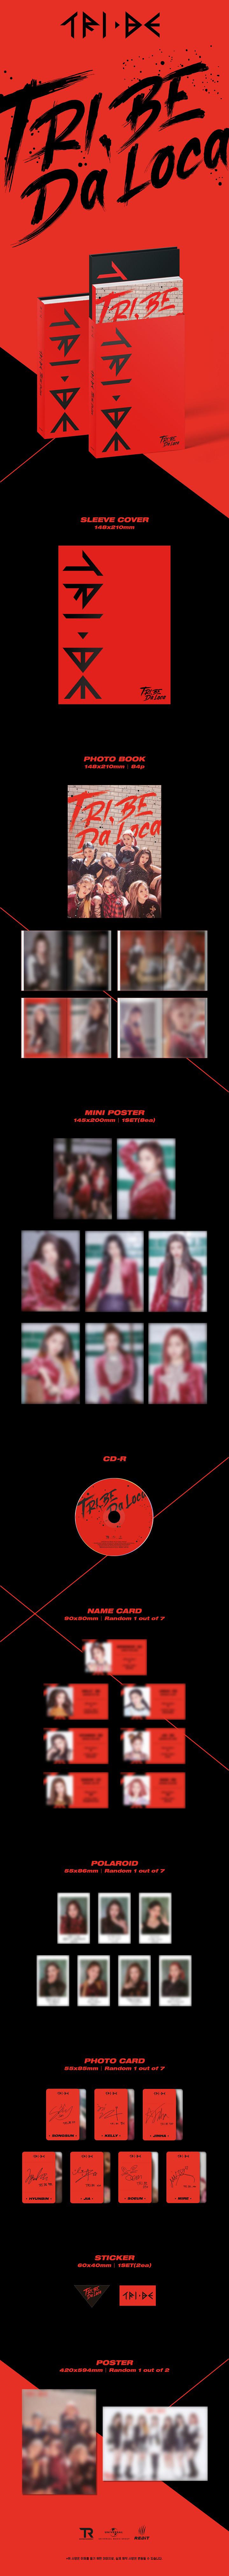 TRI.BE - 1st Single [TRI.BE Da Loca] + Poster